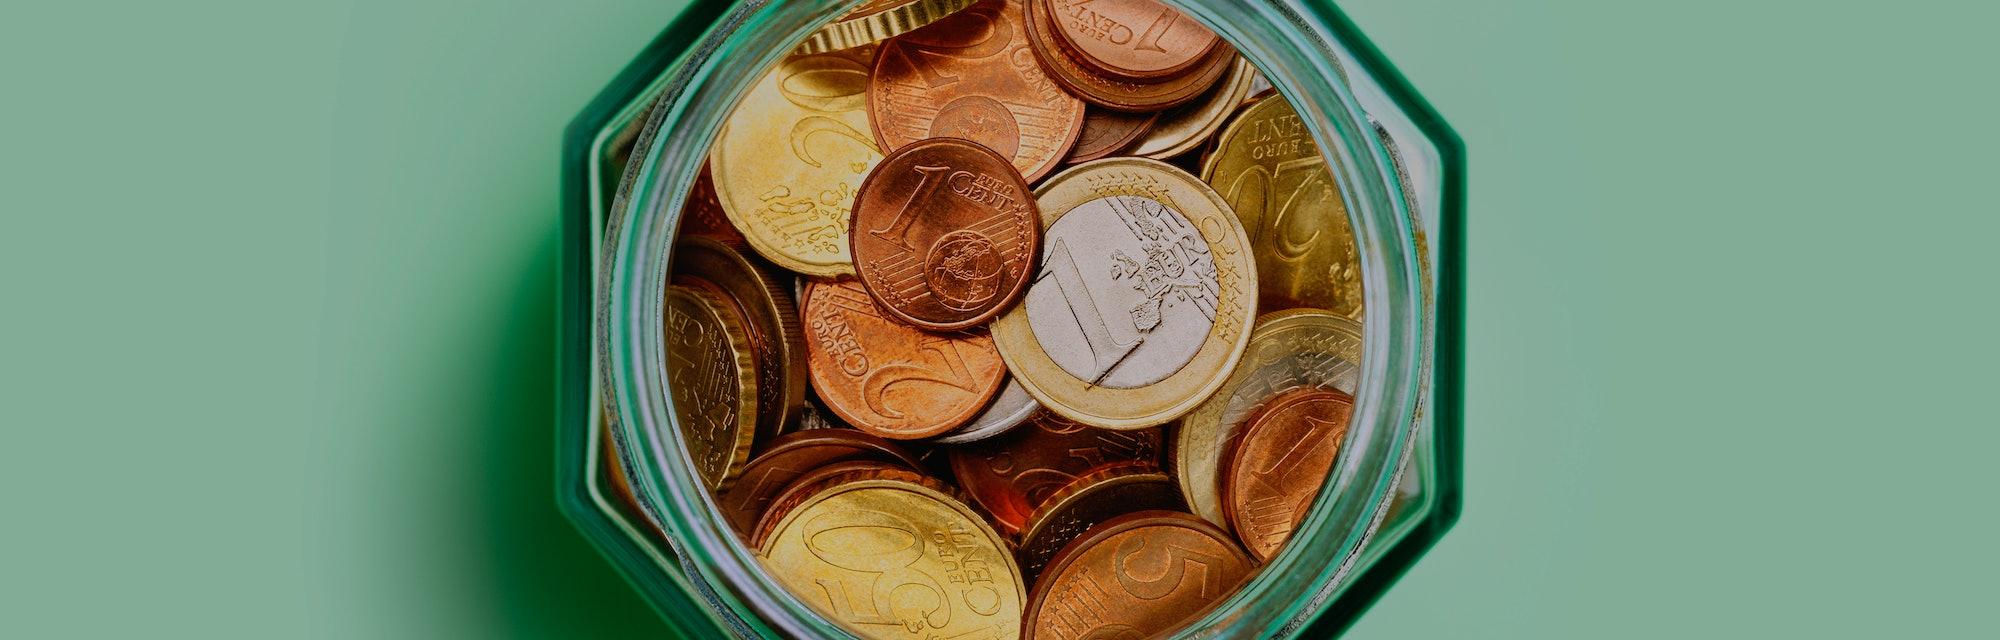 Jar full of change